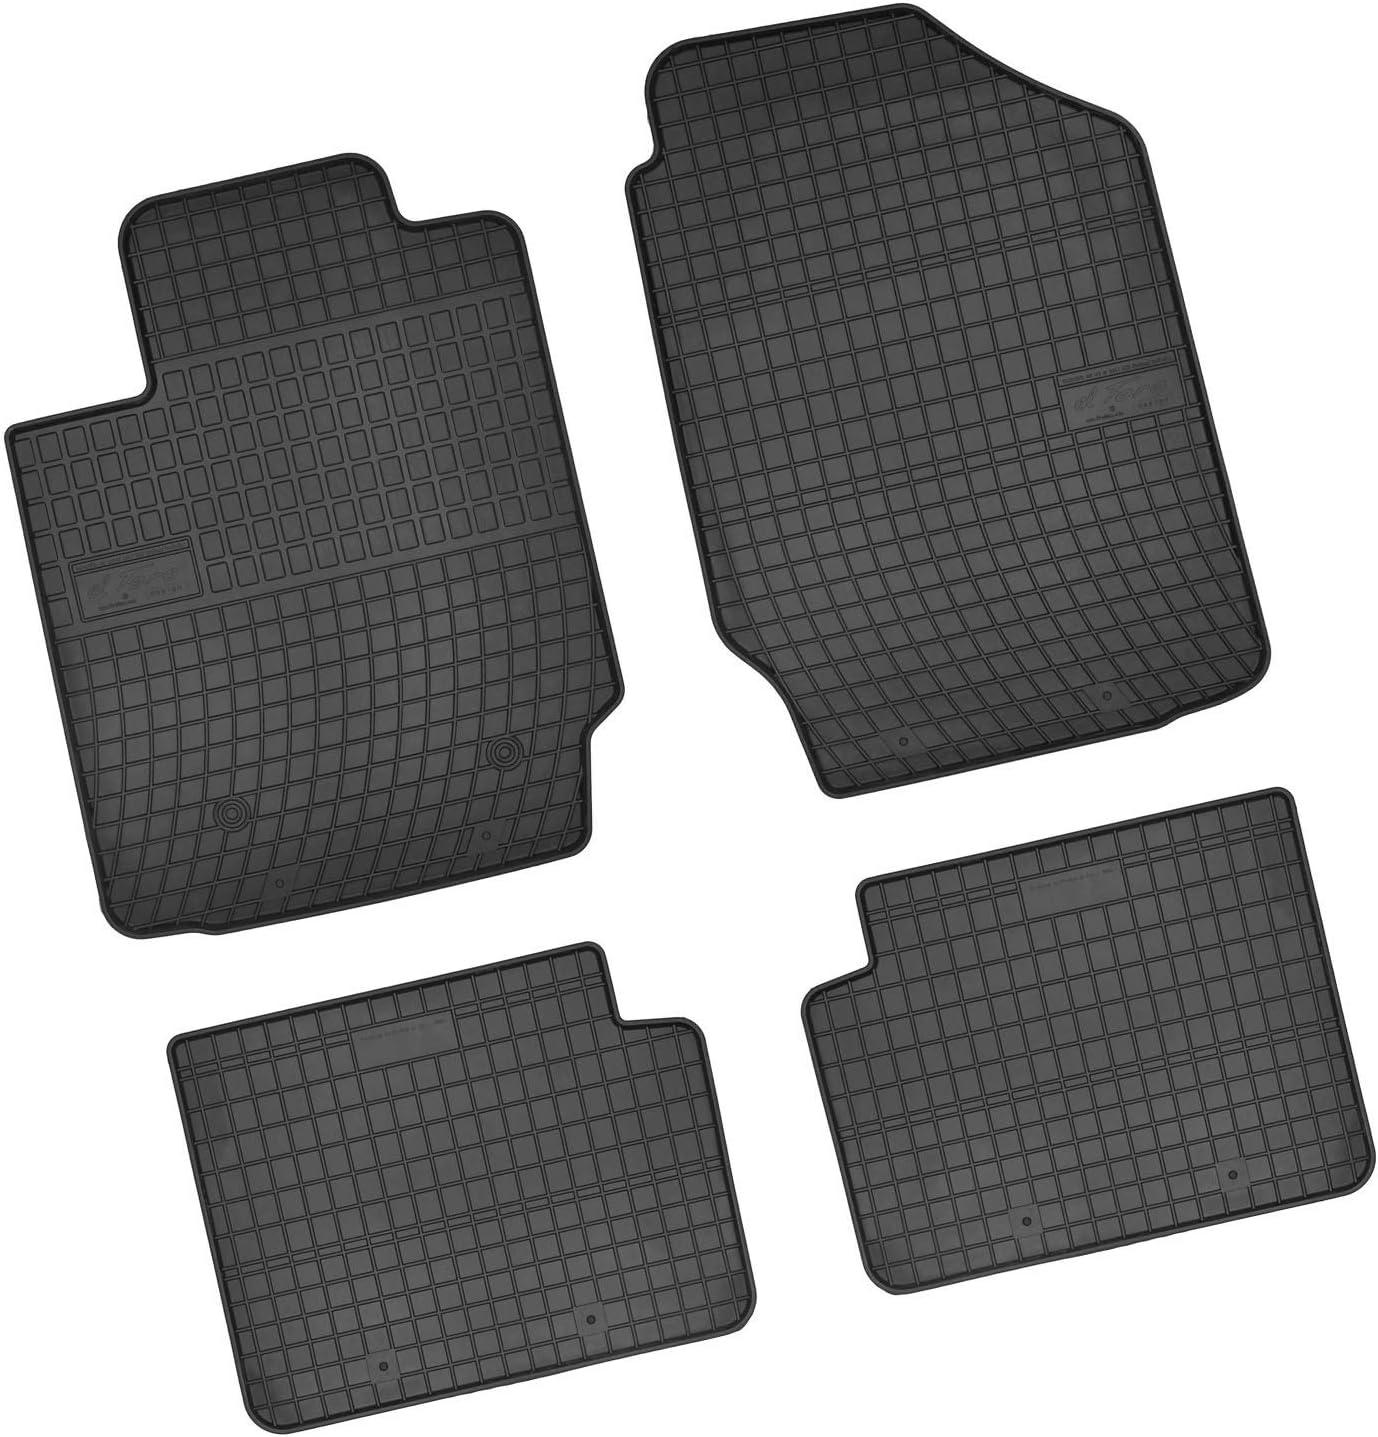 Bär Afc Ty03886 Gummimatten Auto Fußmatten Schwarz Erhöhter Rand Set 4 Teilig Passgenau Für Modell Siehe Details Auto